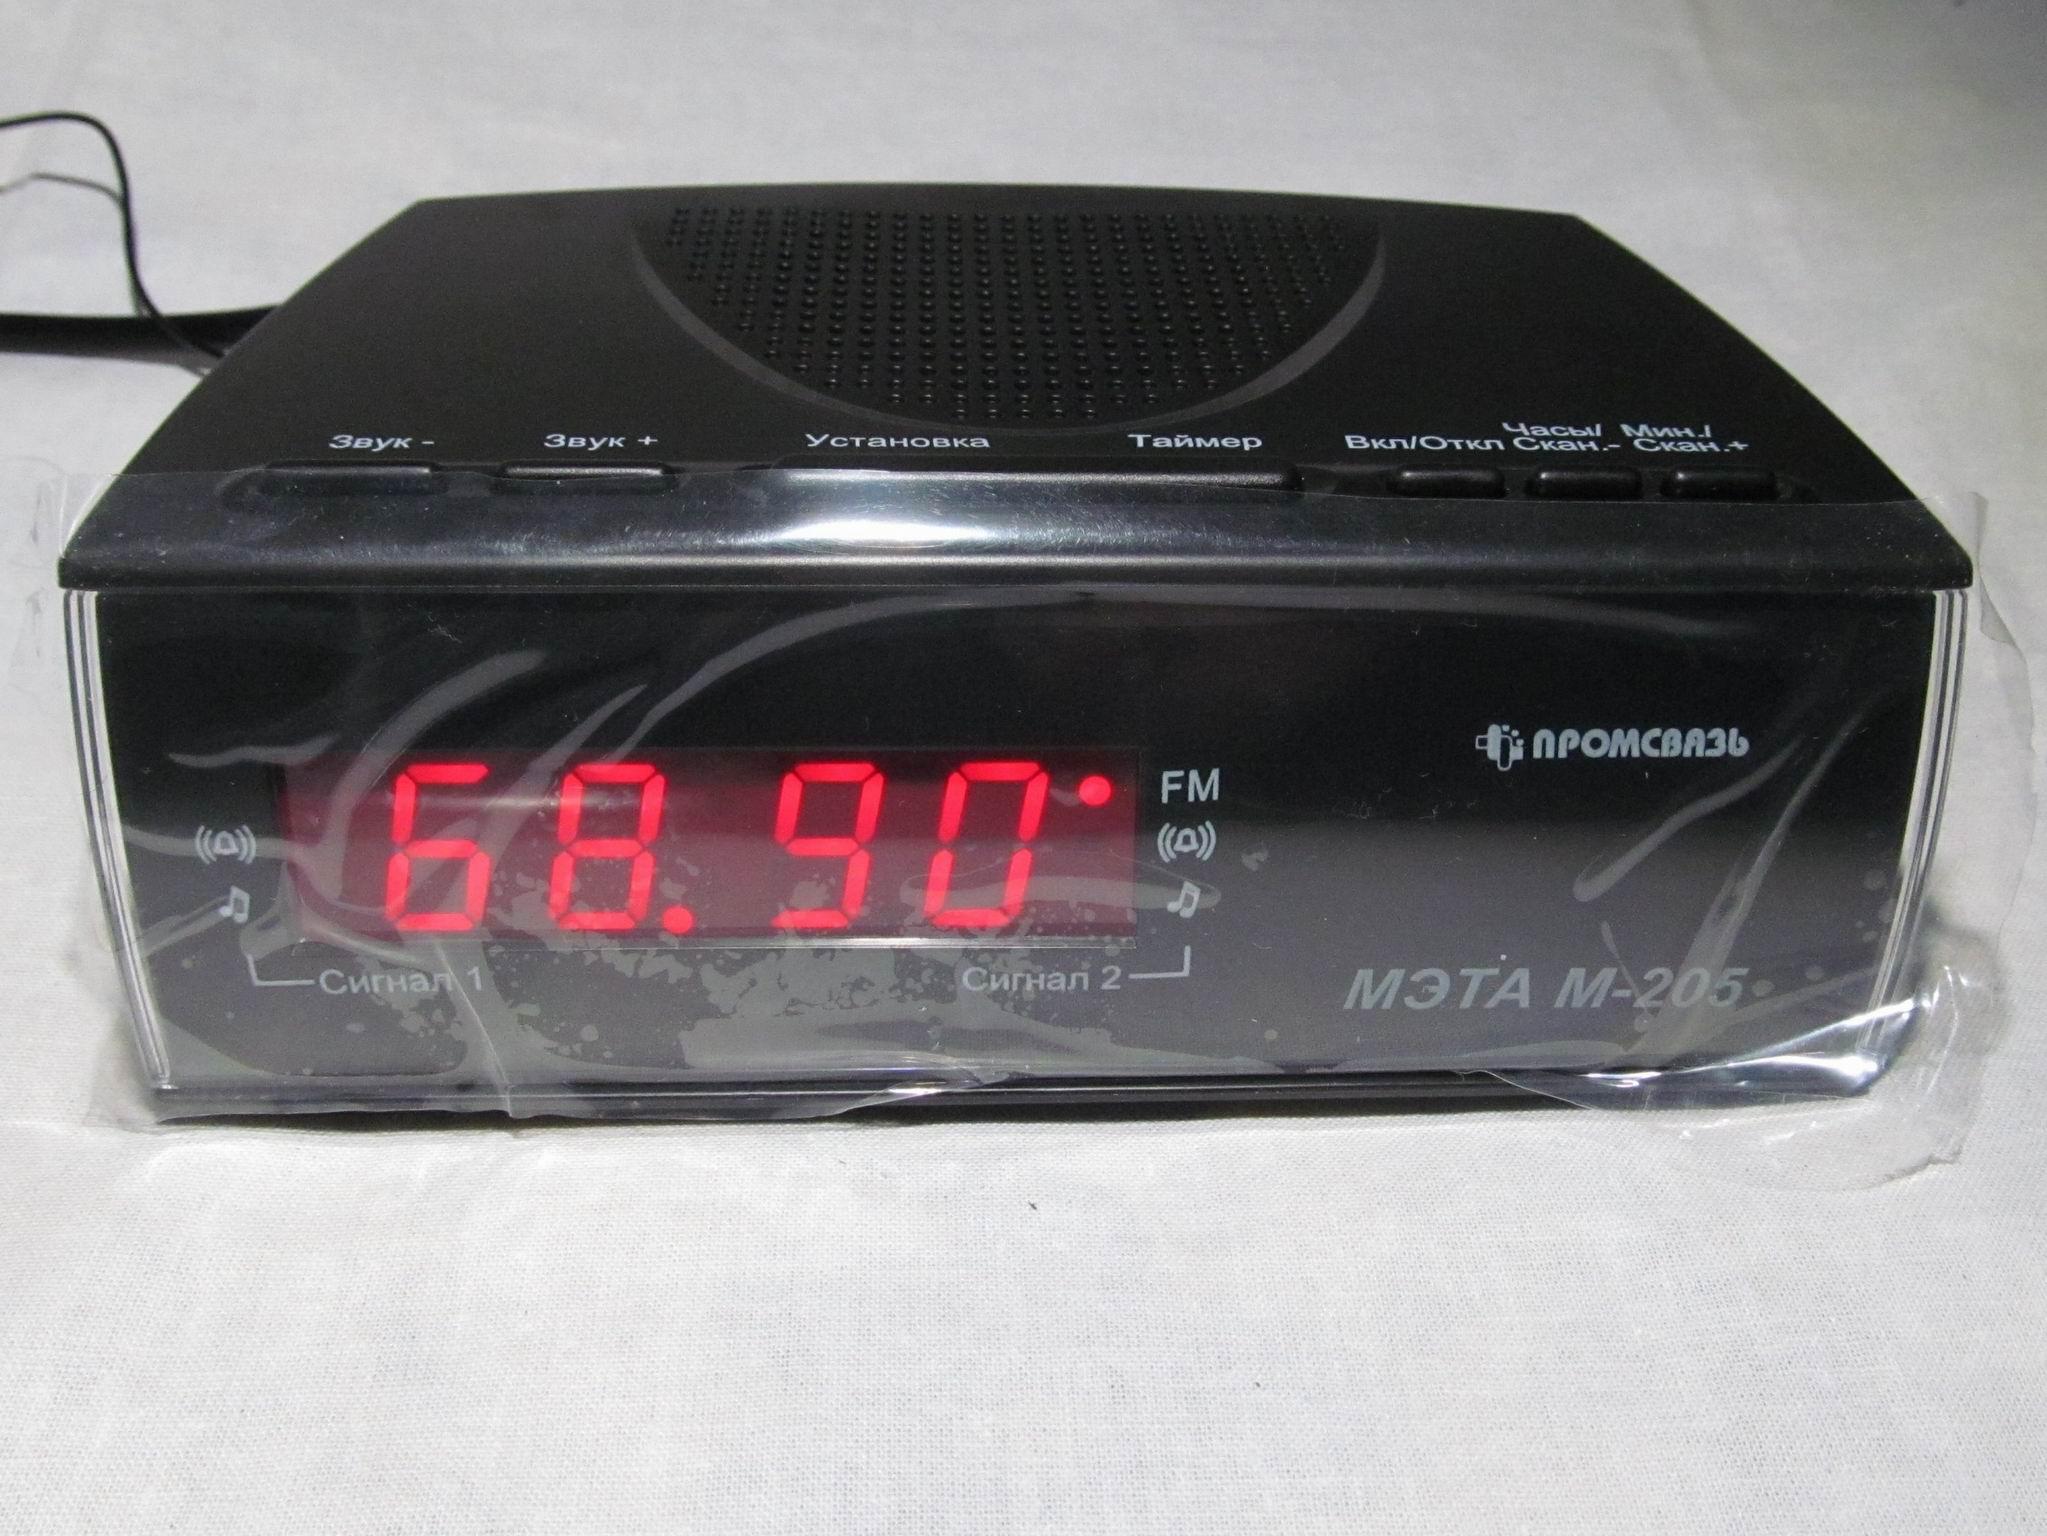 Прием радиостанции в УКВ